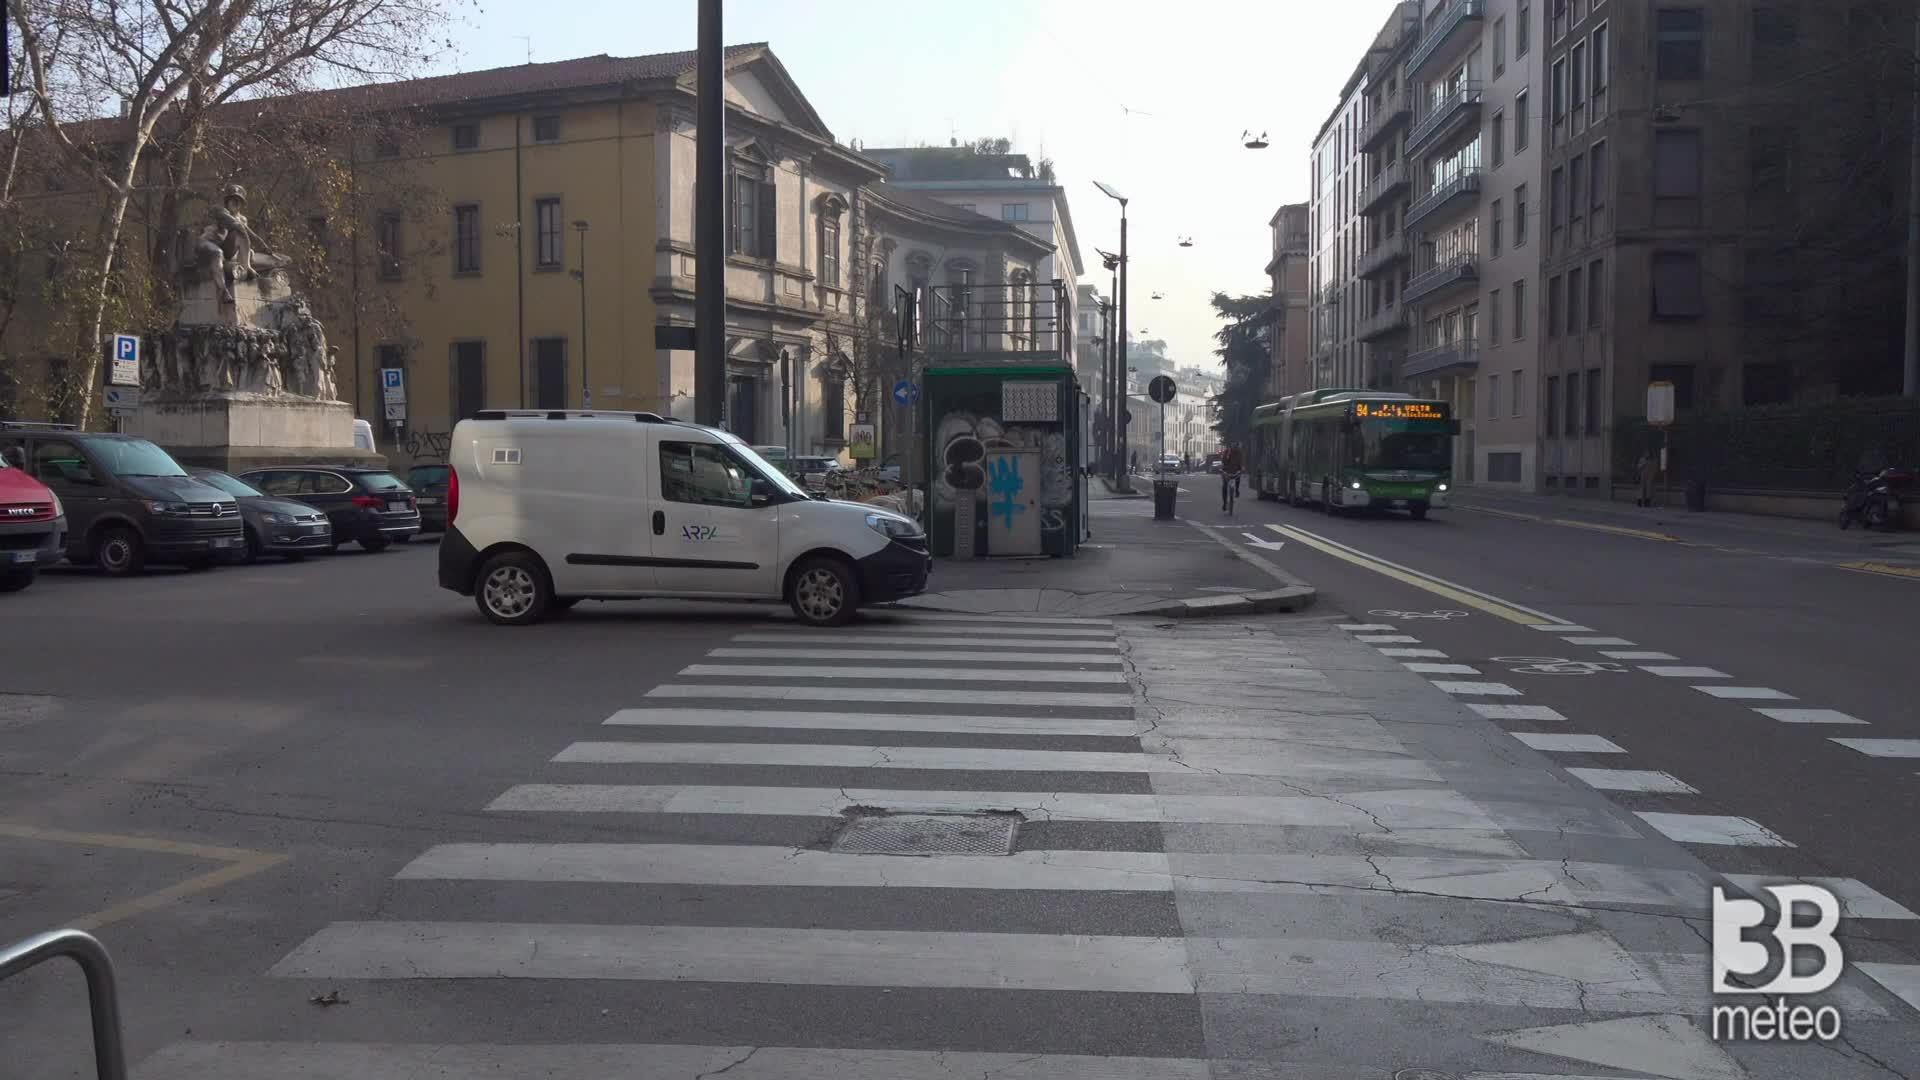 Emergenza smog a Milano: immagini della centralina Arpa